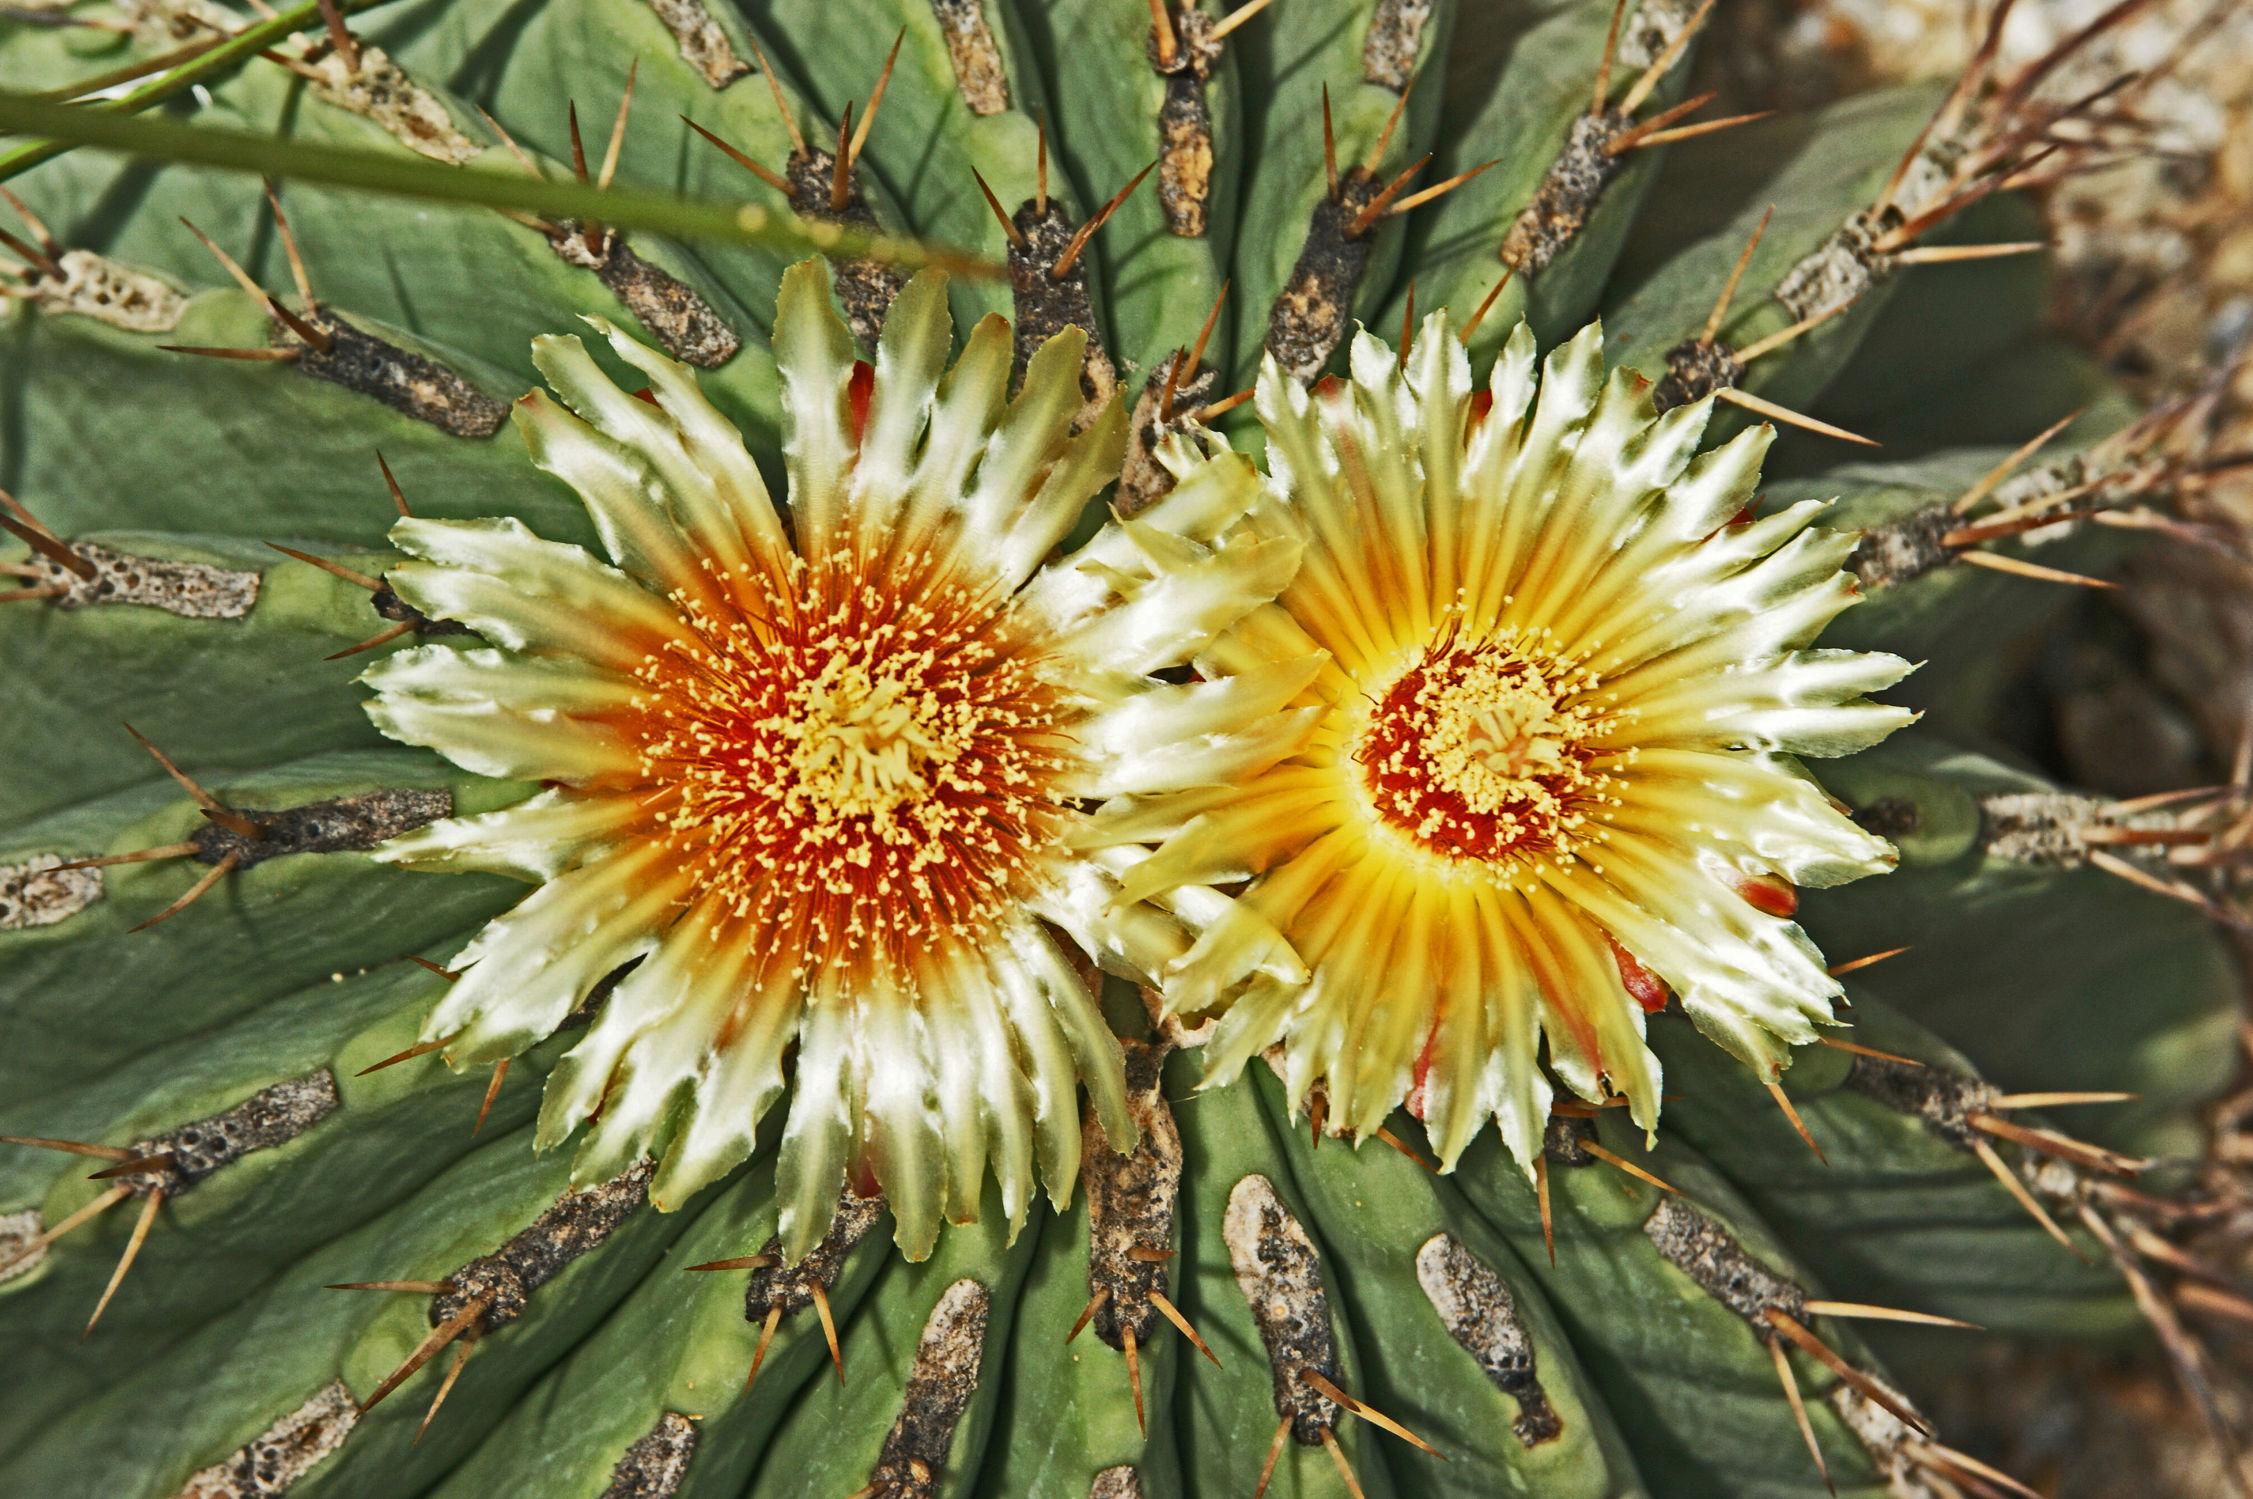 Bild mit Pflanzen, Blumen, Blume, Pflanze, kakteen, Blüten, Kaktus, blüte